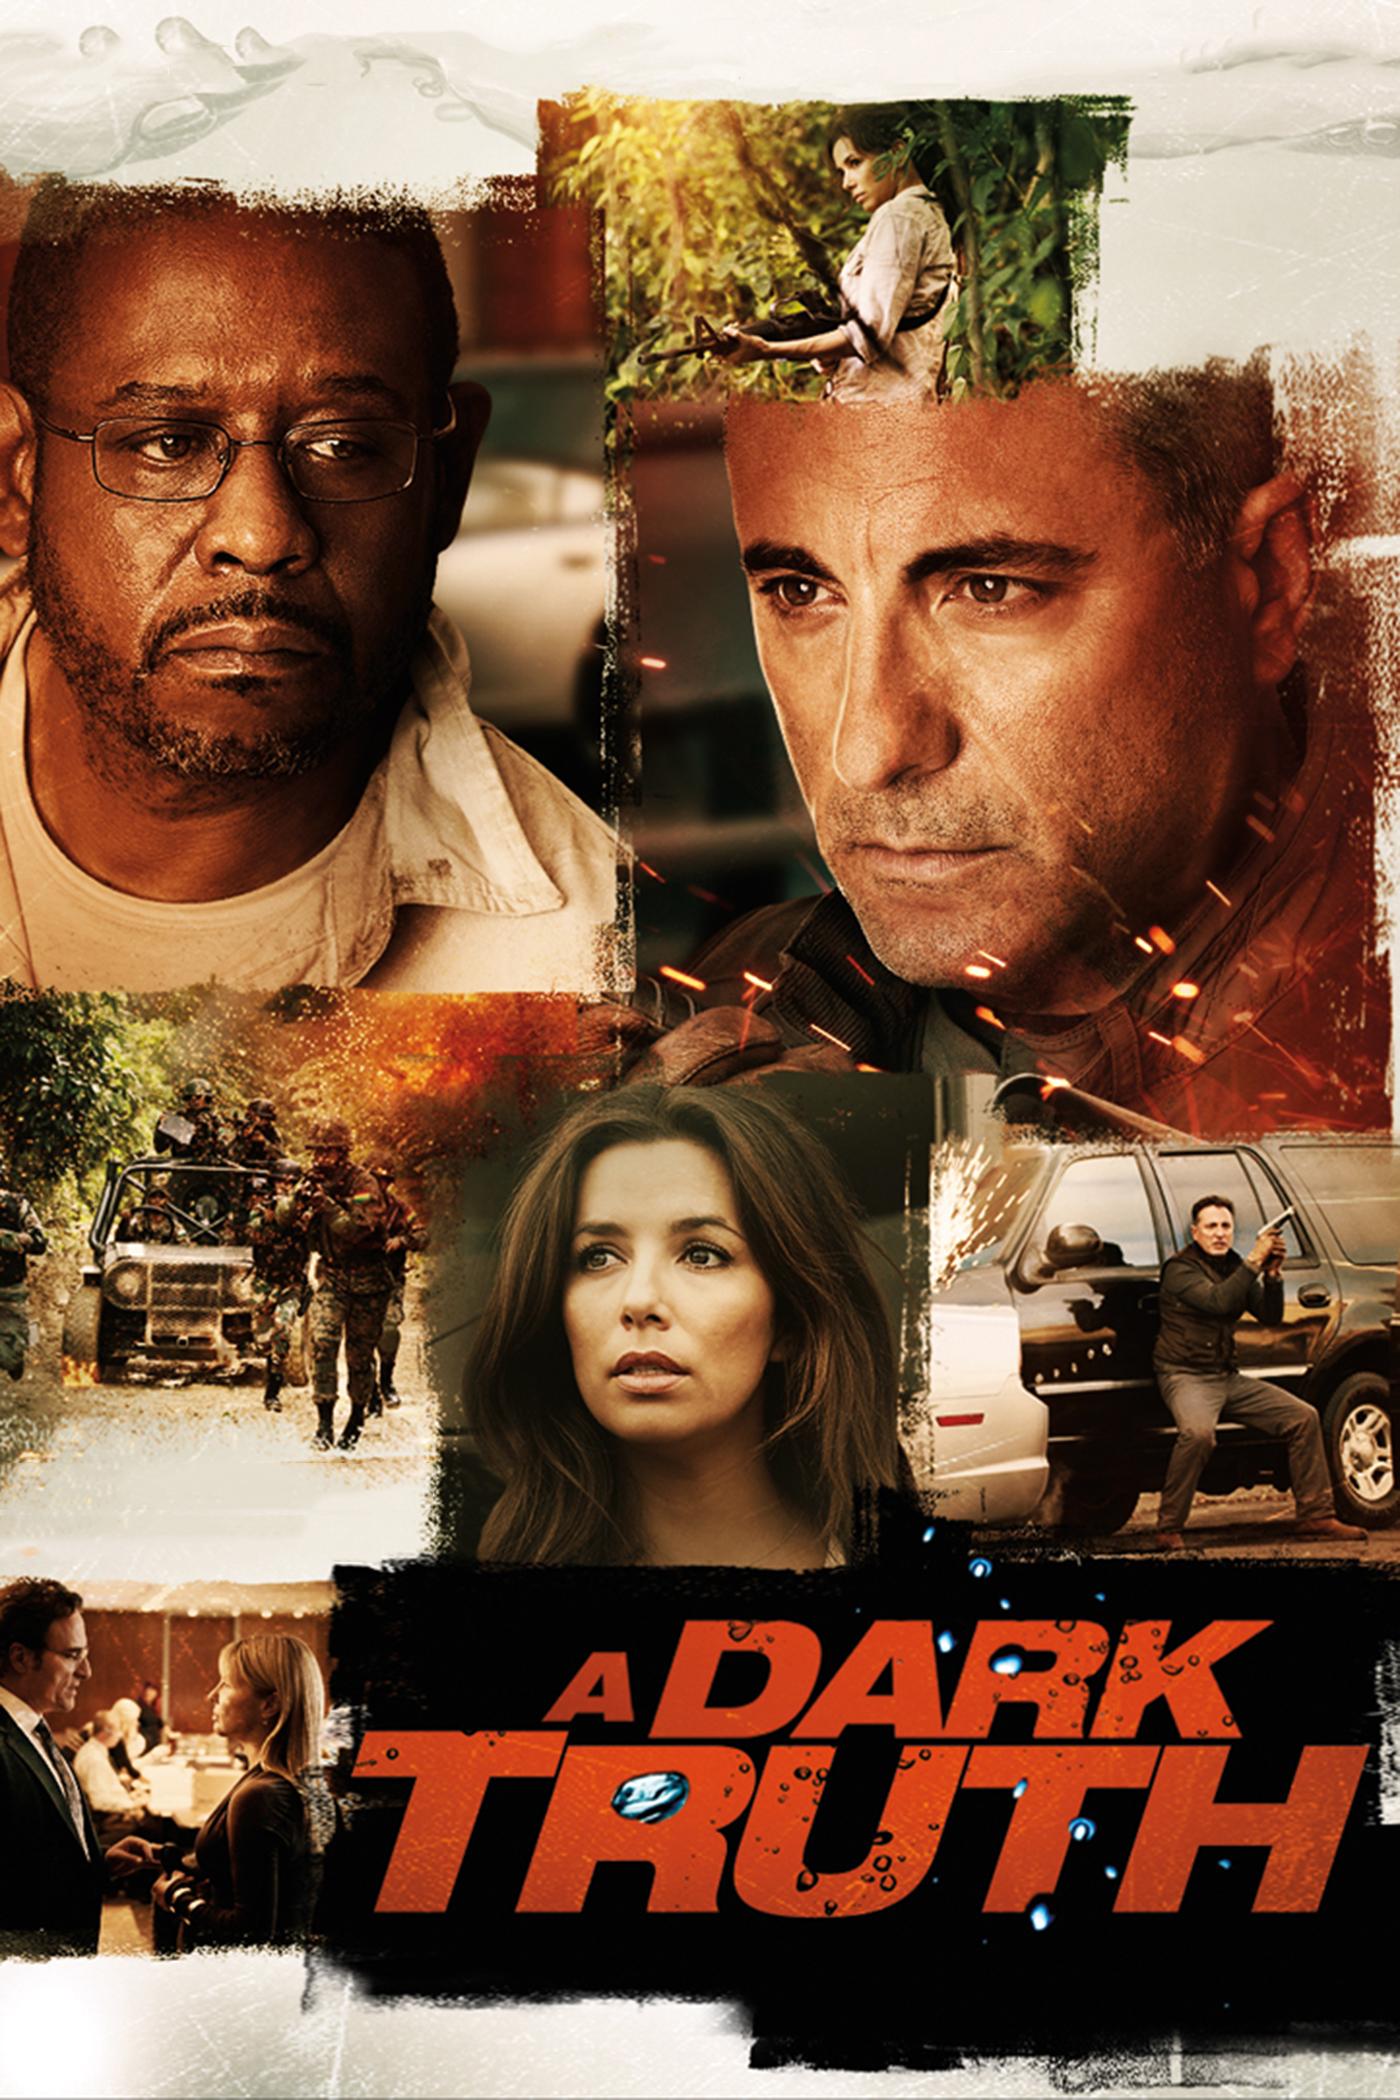 A Dark Truth Photos - A Dark Truth Images: Ravepad - the ... A Dark Truth